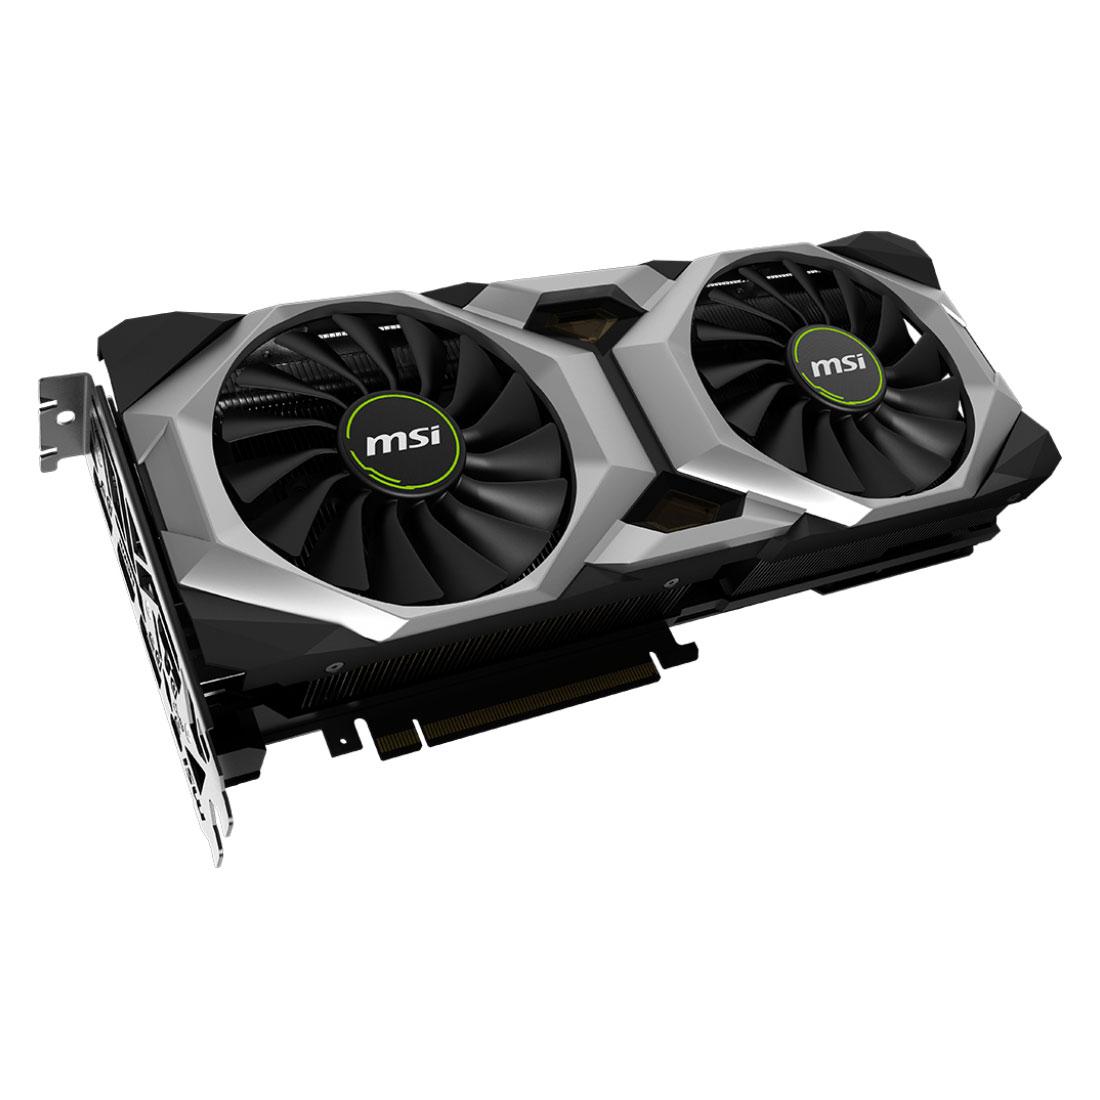 MSI GeForce RTX 2080 VENTUS 8G OC (912-V372-002) - Achat / Vente Carte graphique sur Cybertek.fr - 1